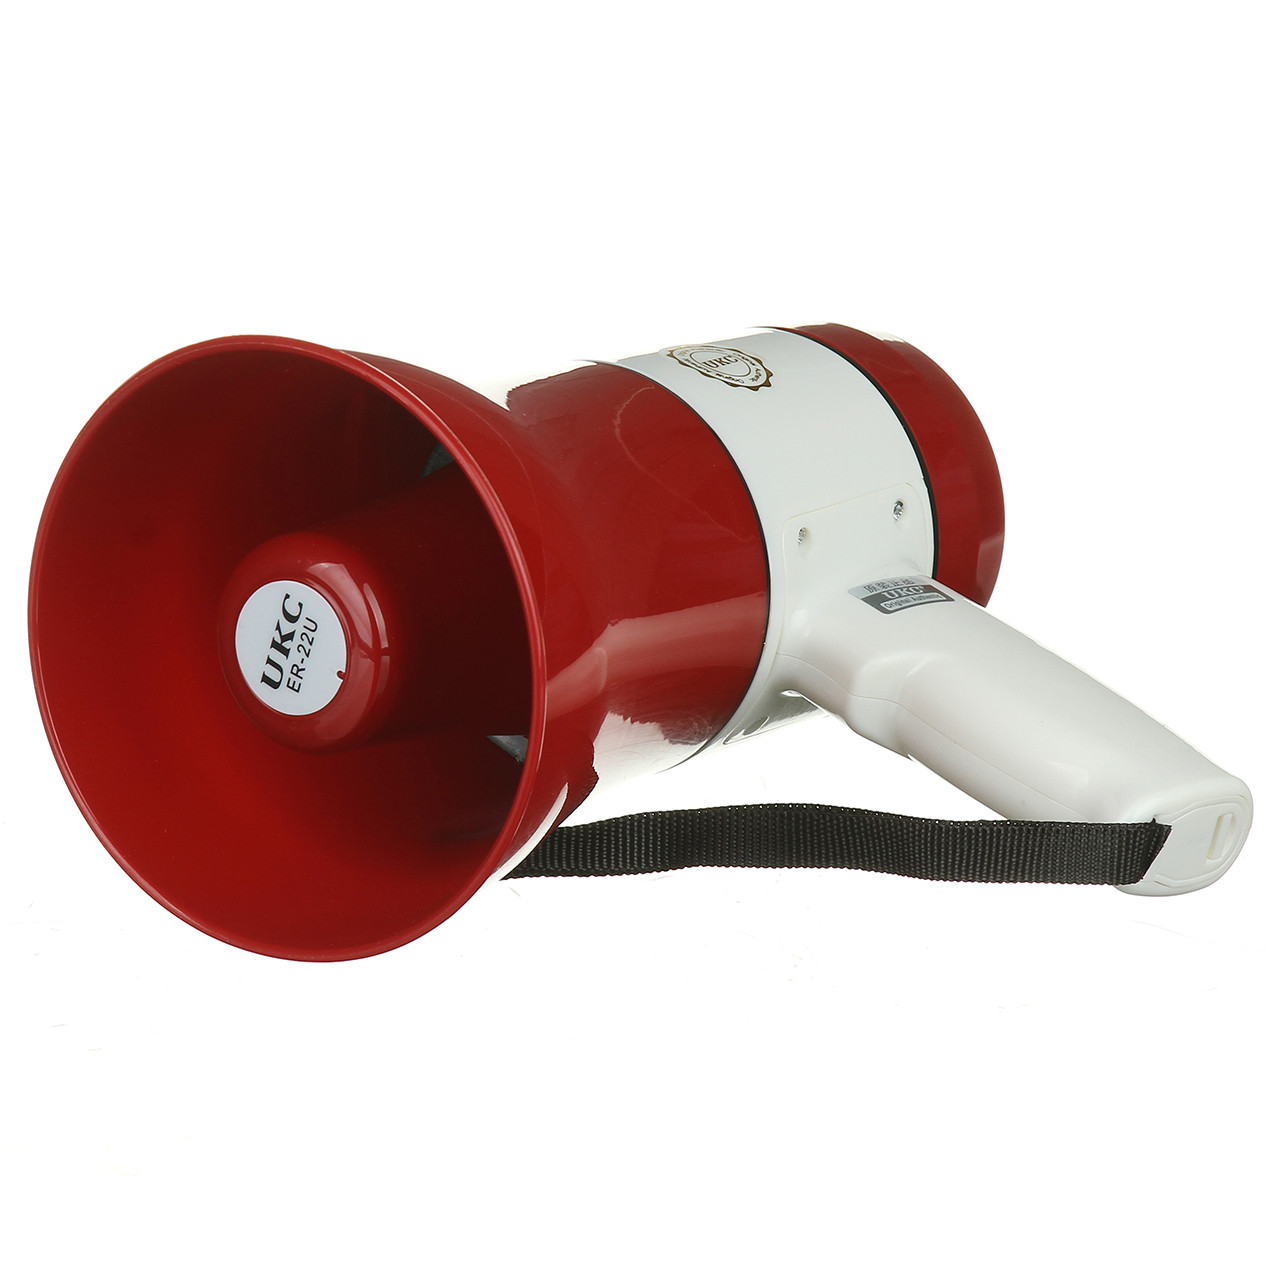 Громкоговоритель мегафон ручной рупор Megaphone ER 22 (гучномовець мегафон ручний)